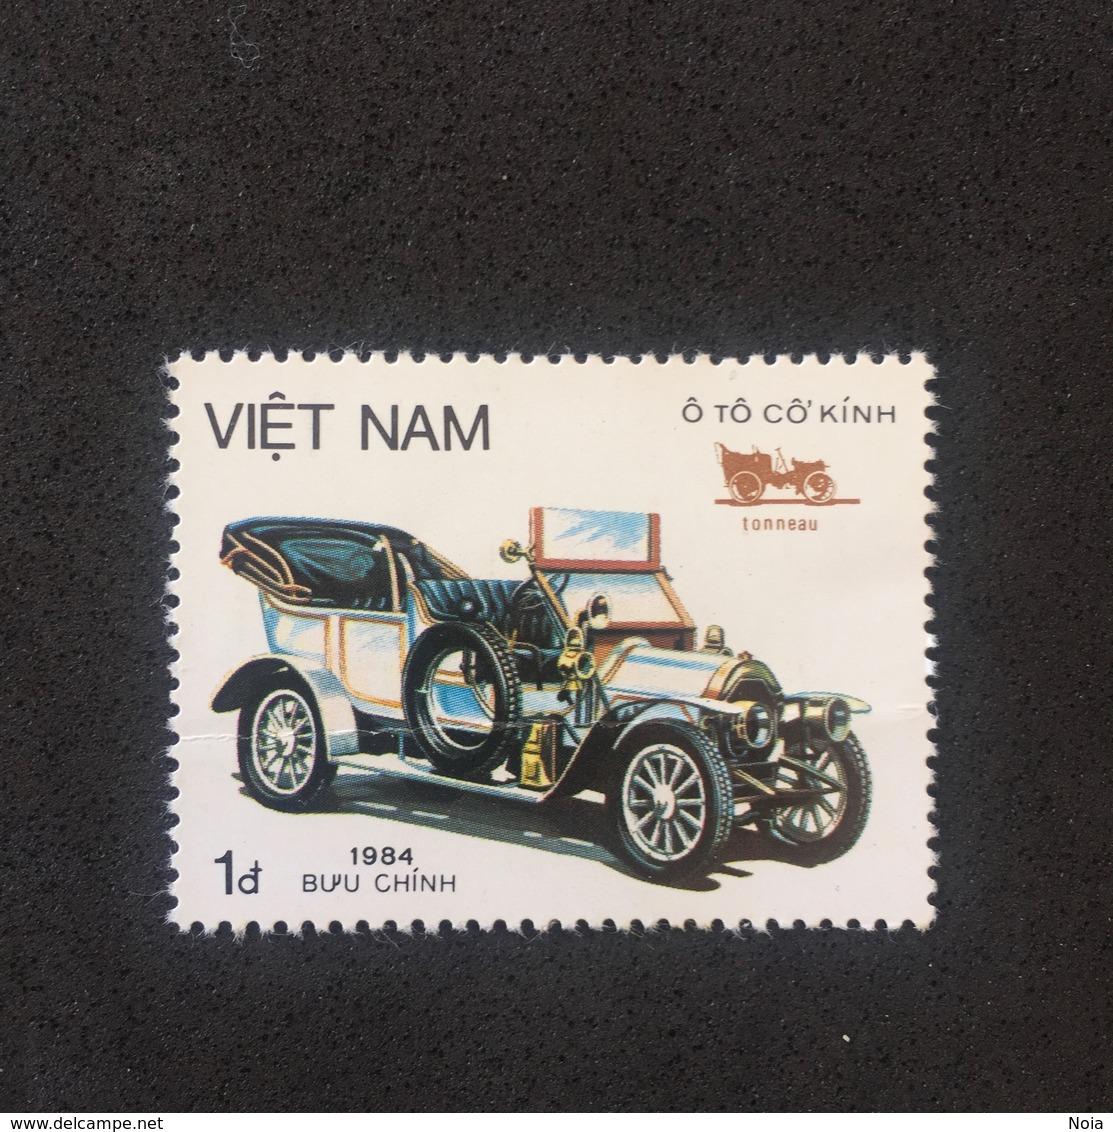 VIETNAM. MNH. D0203B - Cars